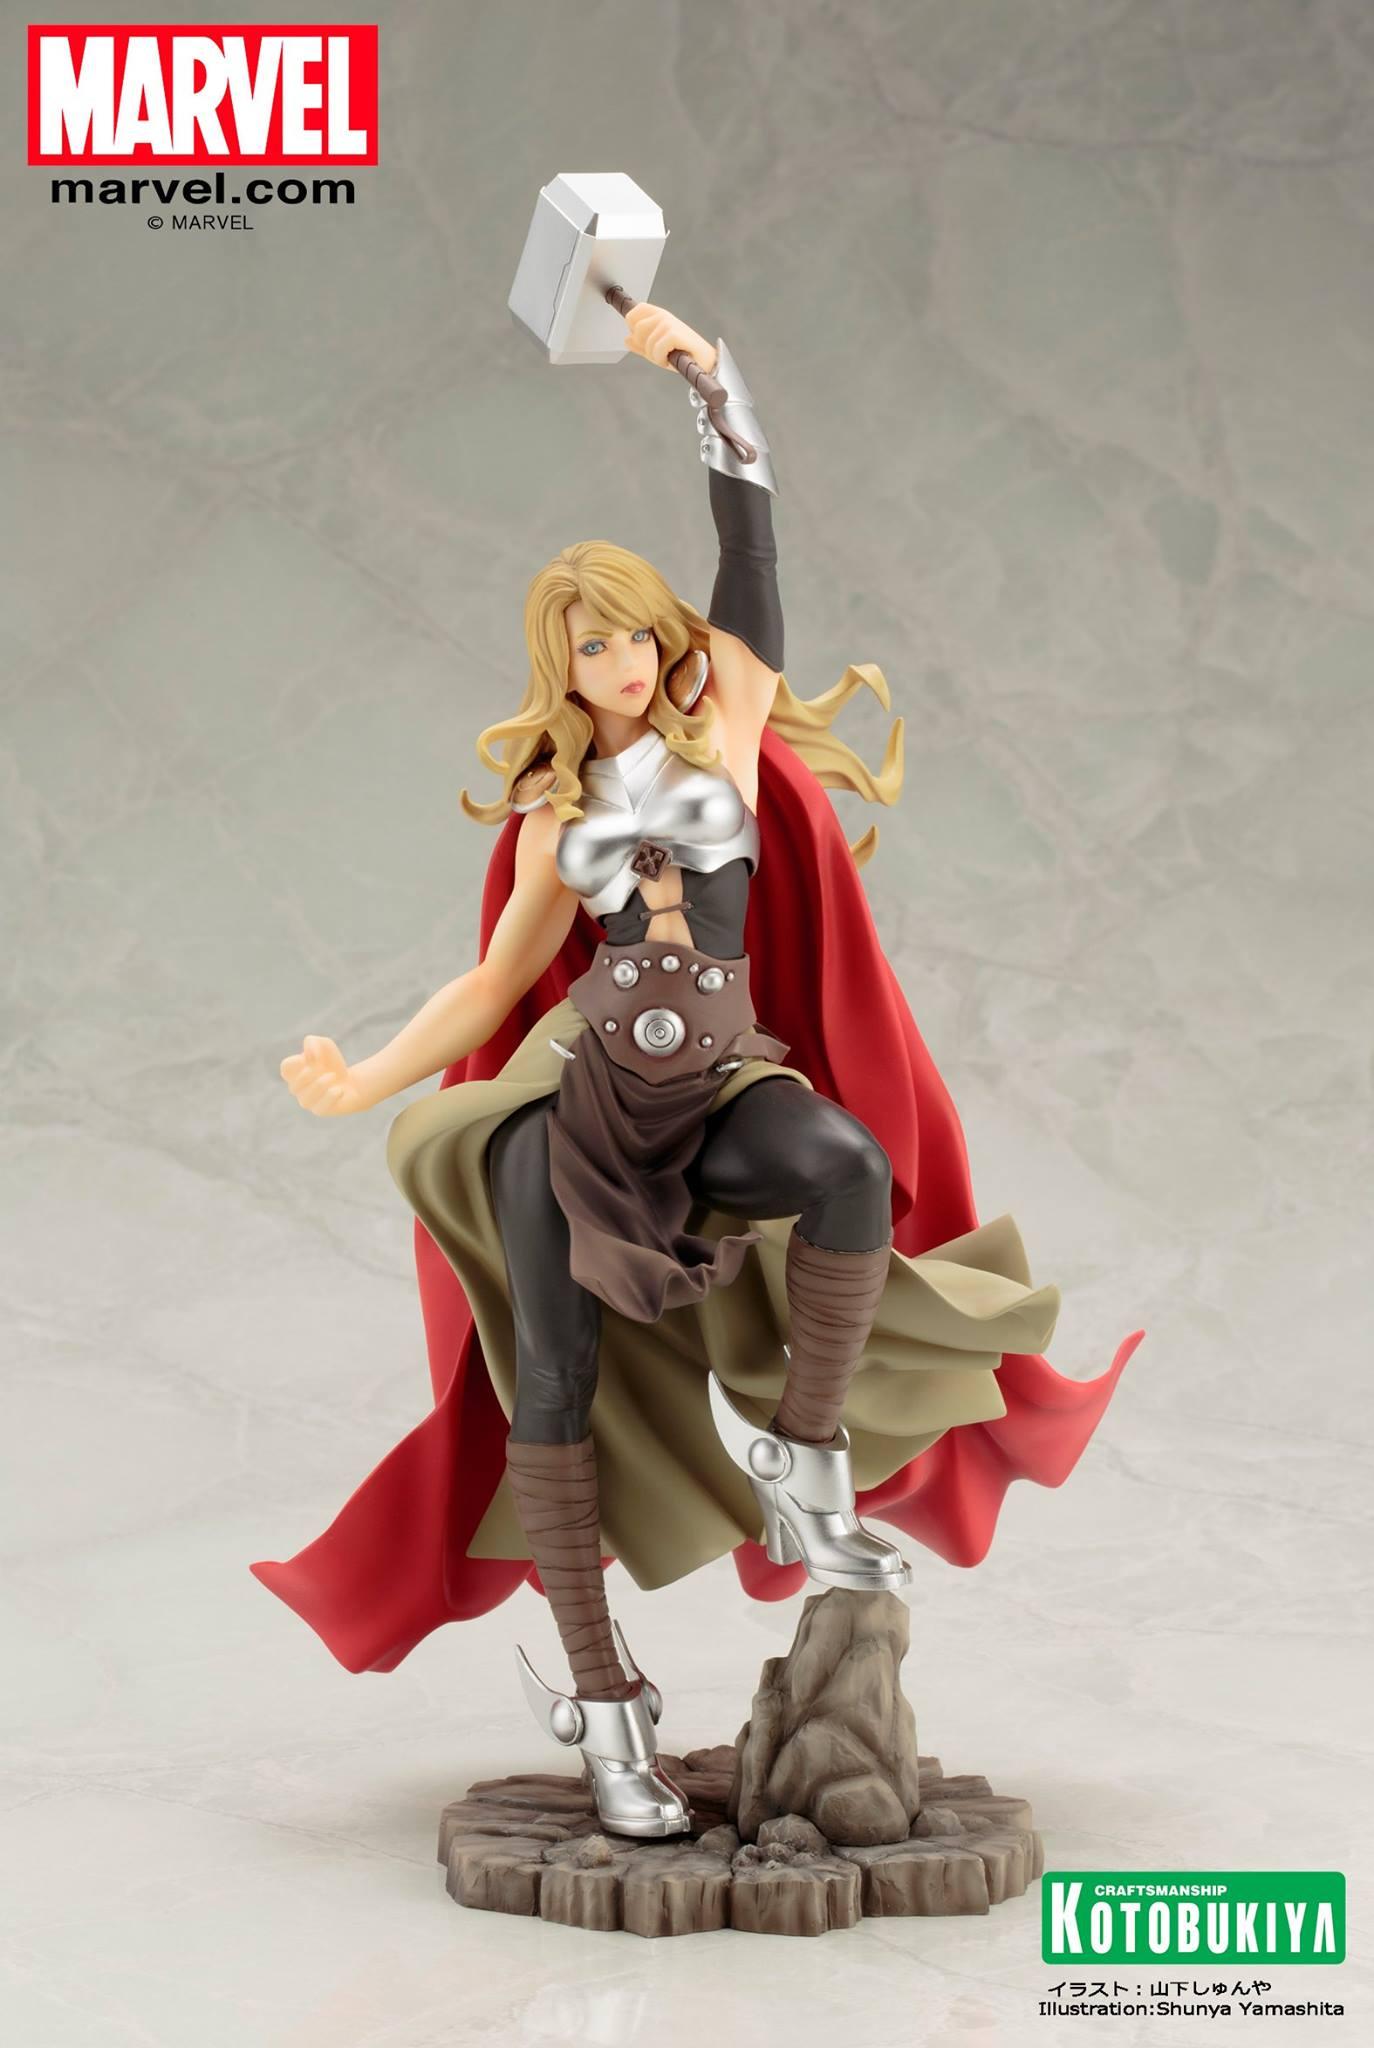 thor-bishoujo-statue-marvel-kotobukiya-5